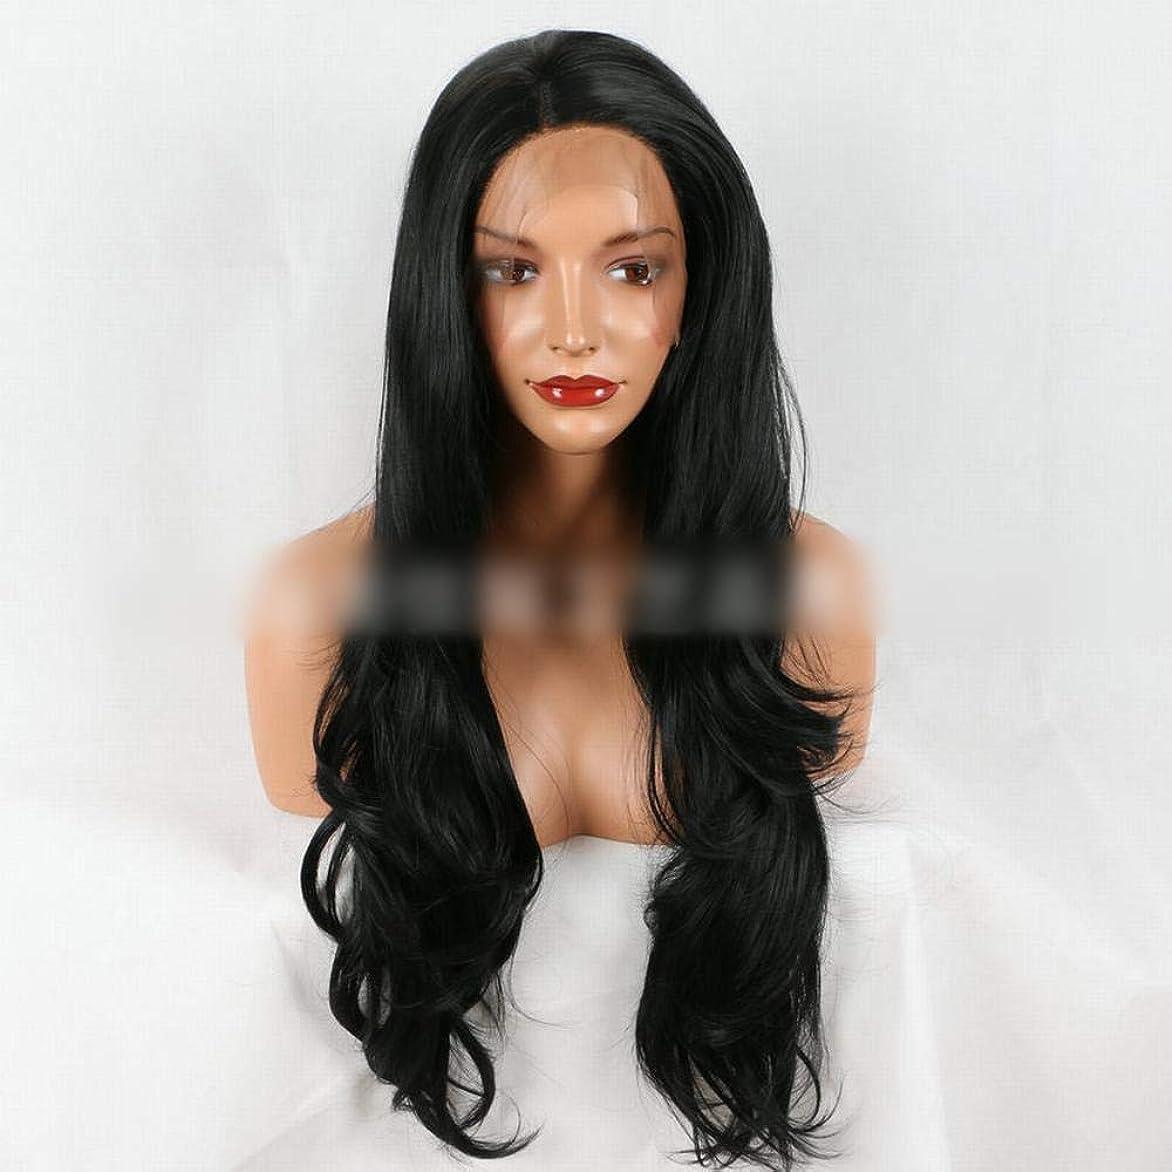 形式妖精署名BOBIDYEE ナチュラルブラックフロントレースウィッグ人工毛人工短髪レディースウィッグコンポジットヘアレースウィッグロールプレイングウィッグ (色 : 黒)